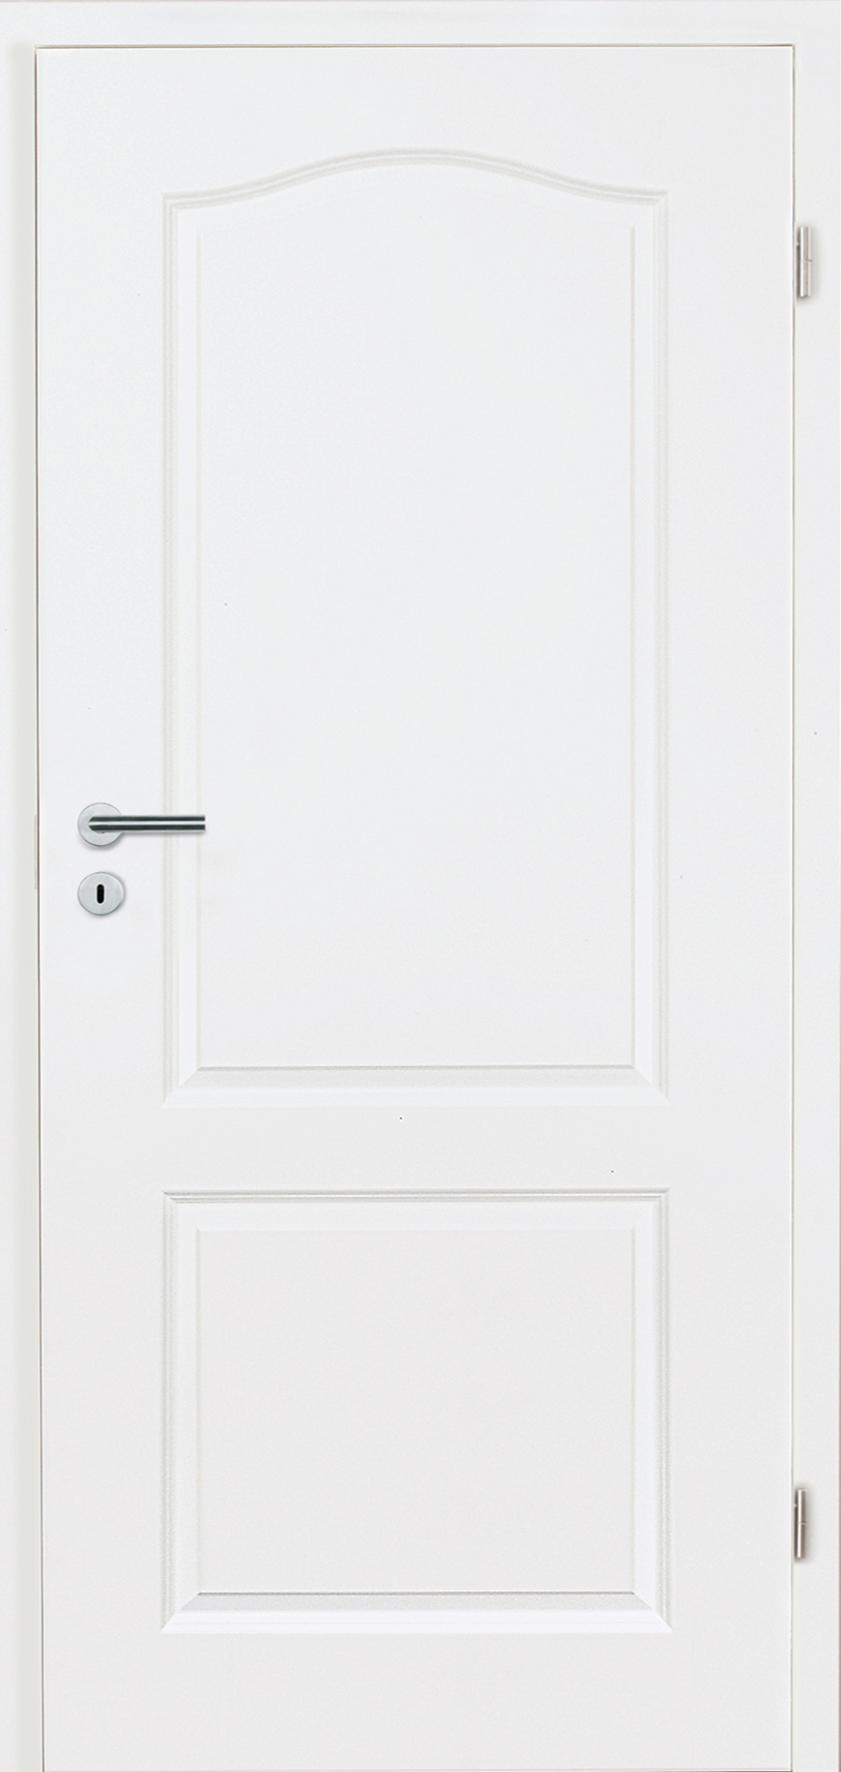 innentüren landhaus weiß